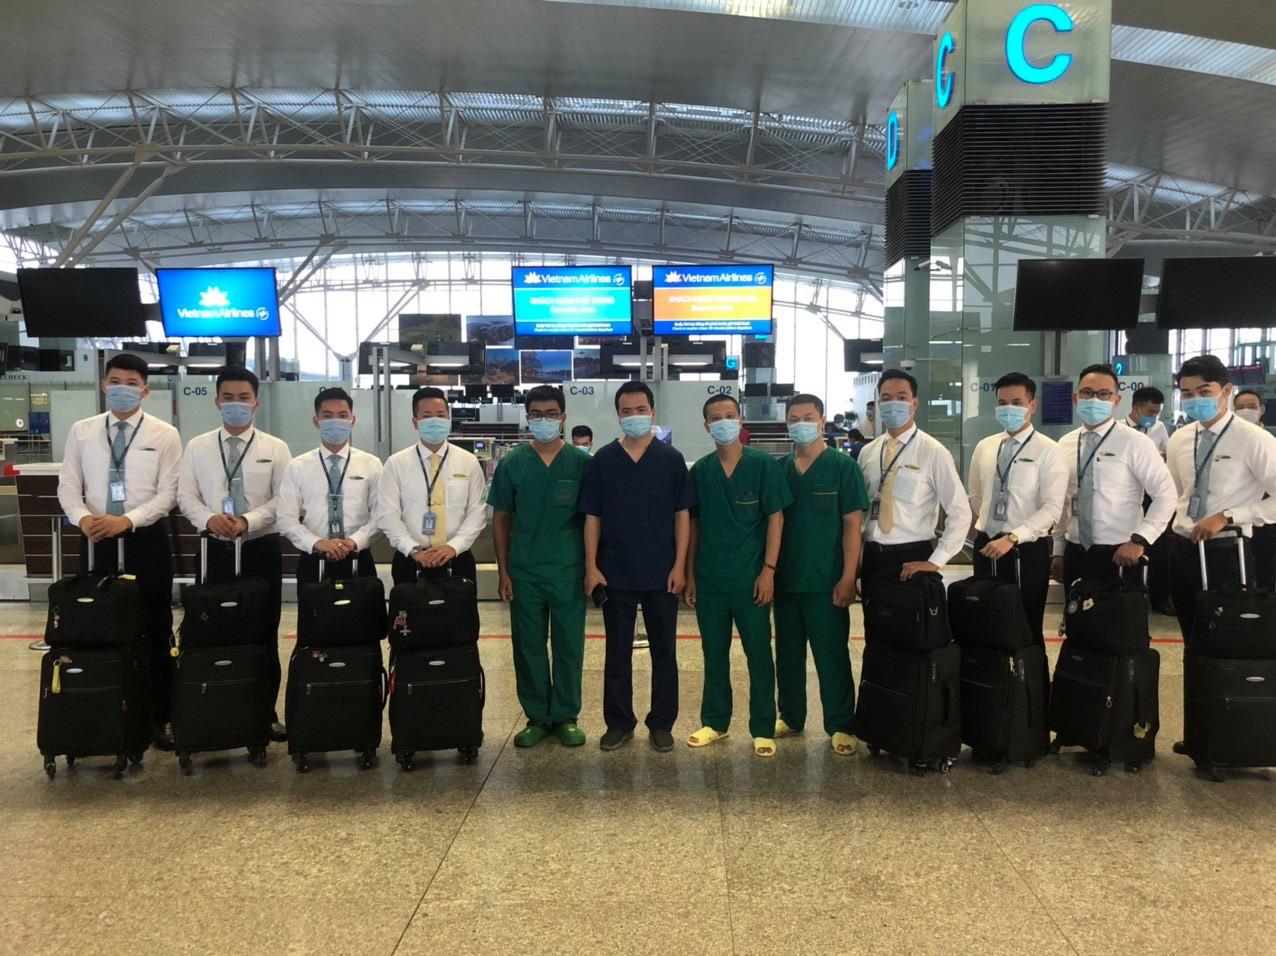 Tiếp viên trưởng kể về những tín hiệu SOS trên chuyến bay đón đồng bào ở Guinea Xích đạo - Ảnh 6.